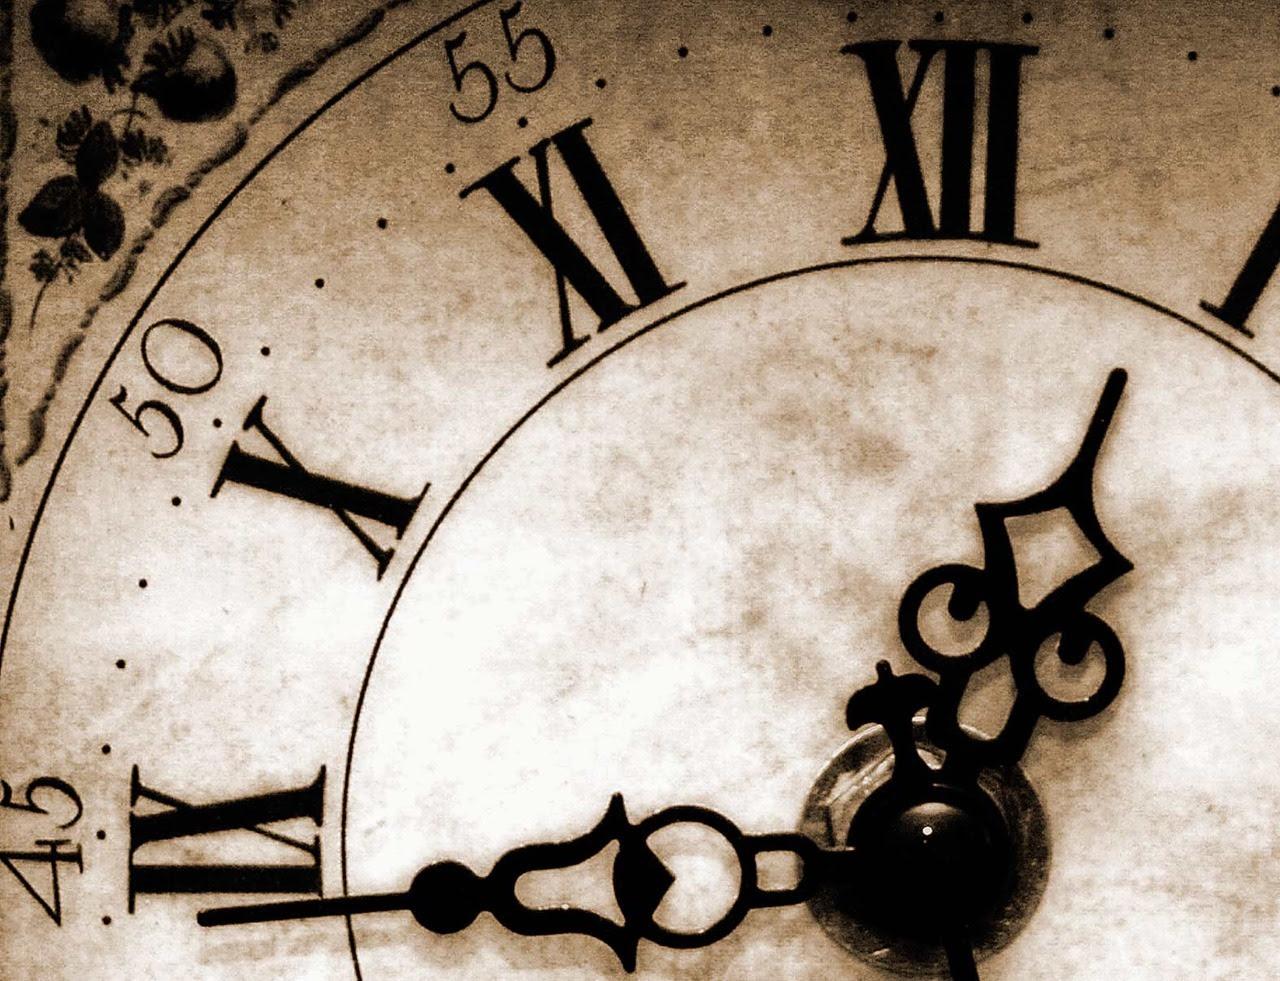 http://25.media.tumblr.com/tumblr_lyaqksGEF21qleo4jo1_1280.jpg